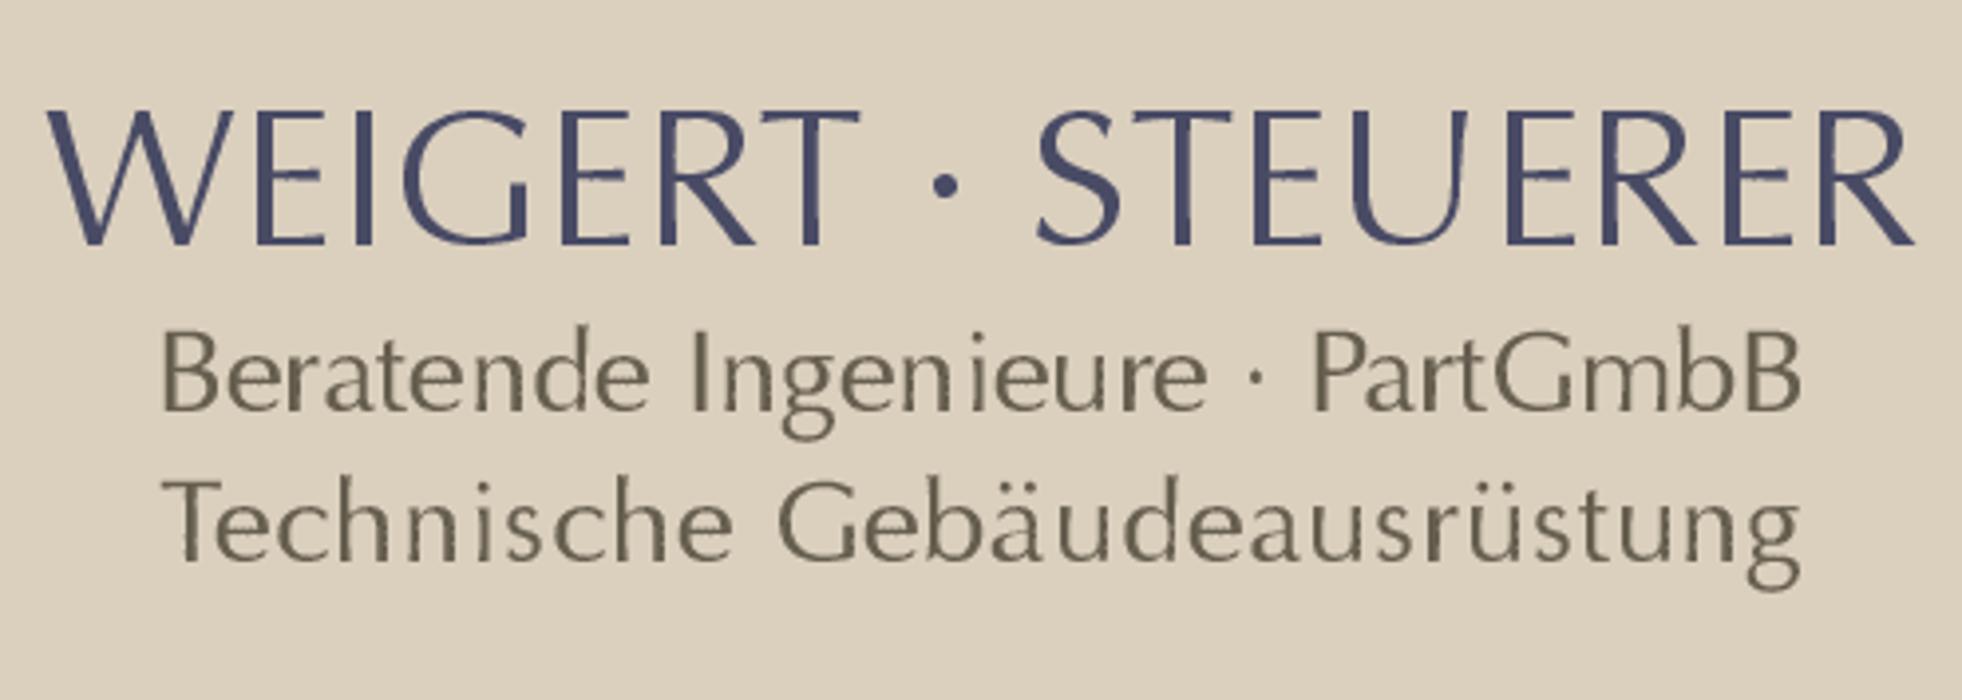 Bild zu Weigert und Steuerer Beratende Ingenieure in Augsburg